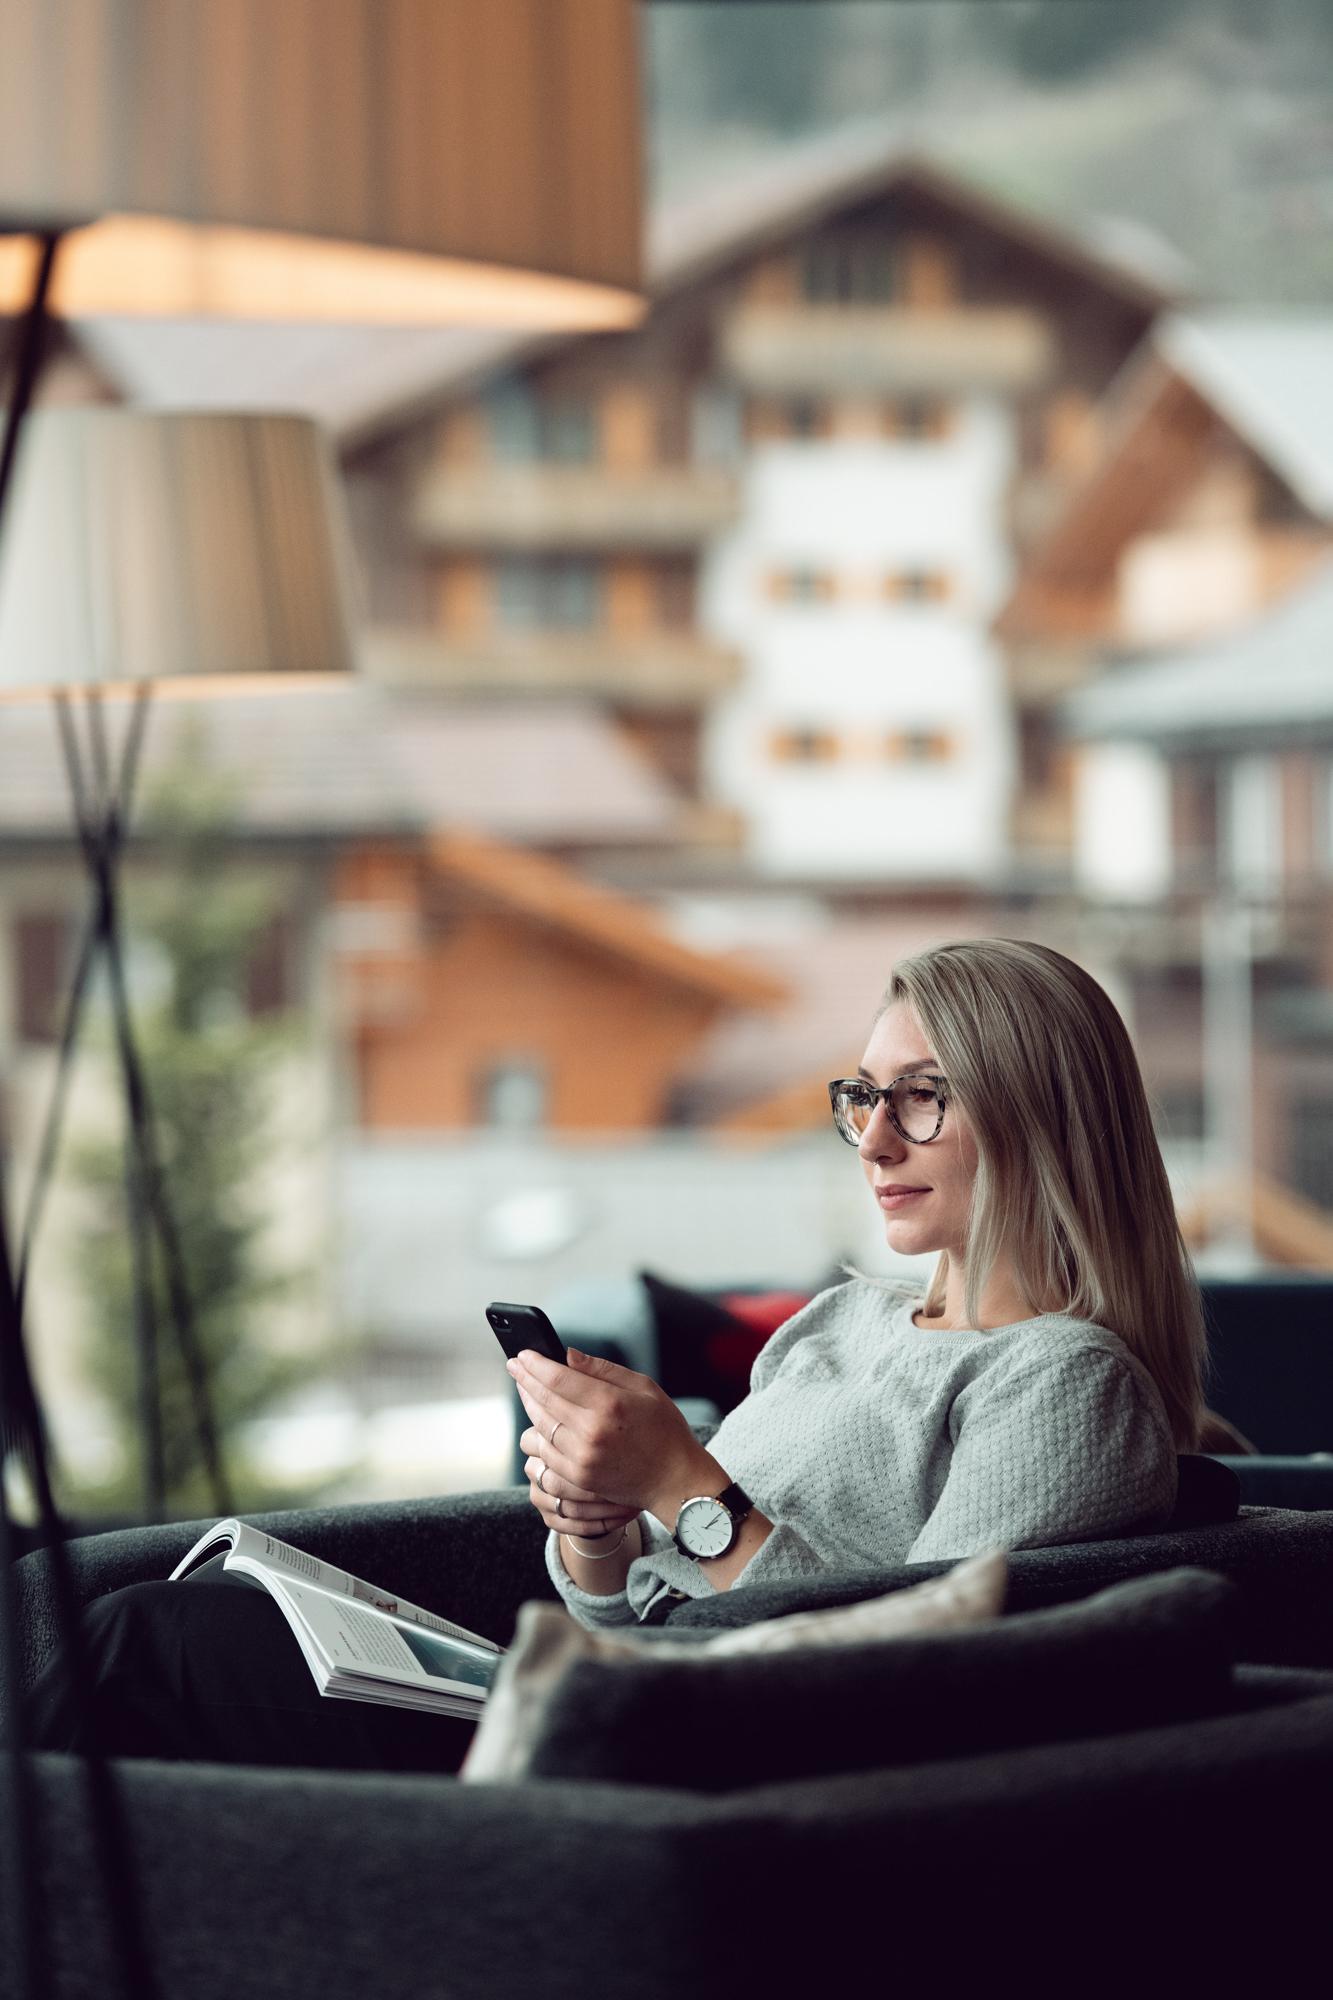 hotellerie_suisse19.jpg